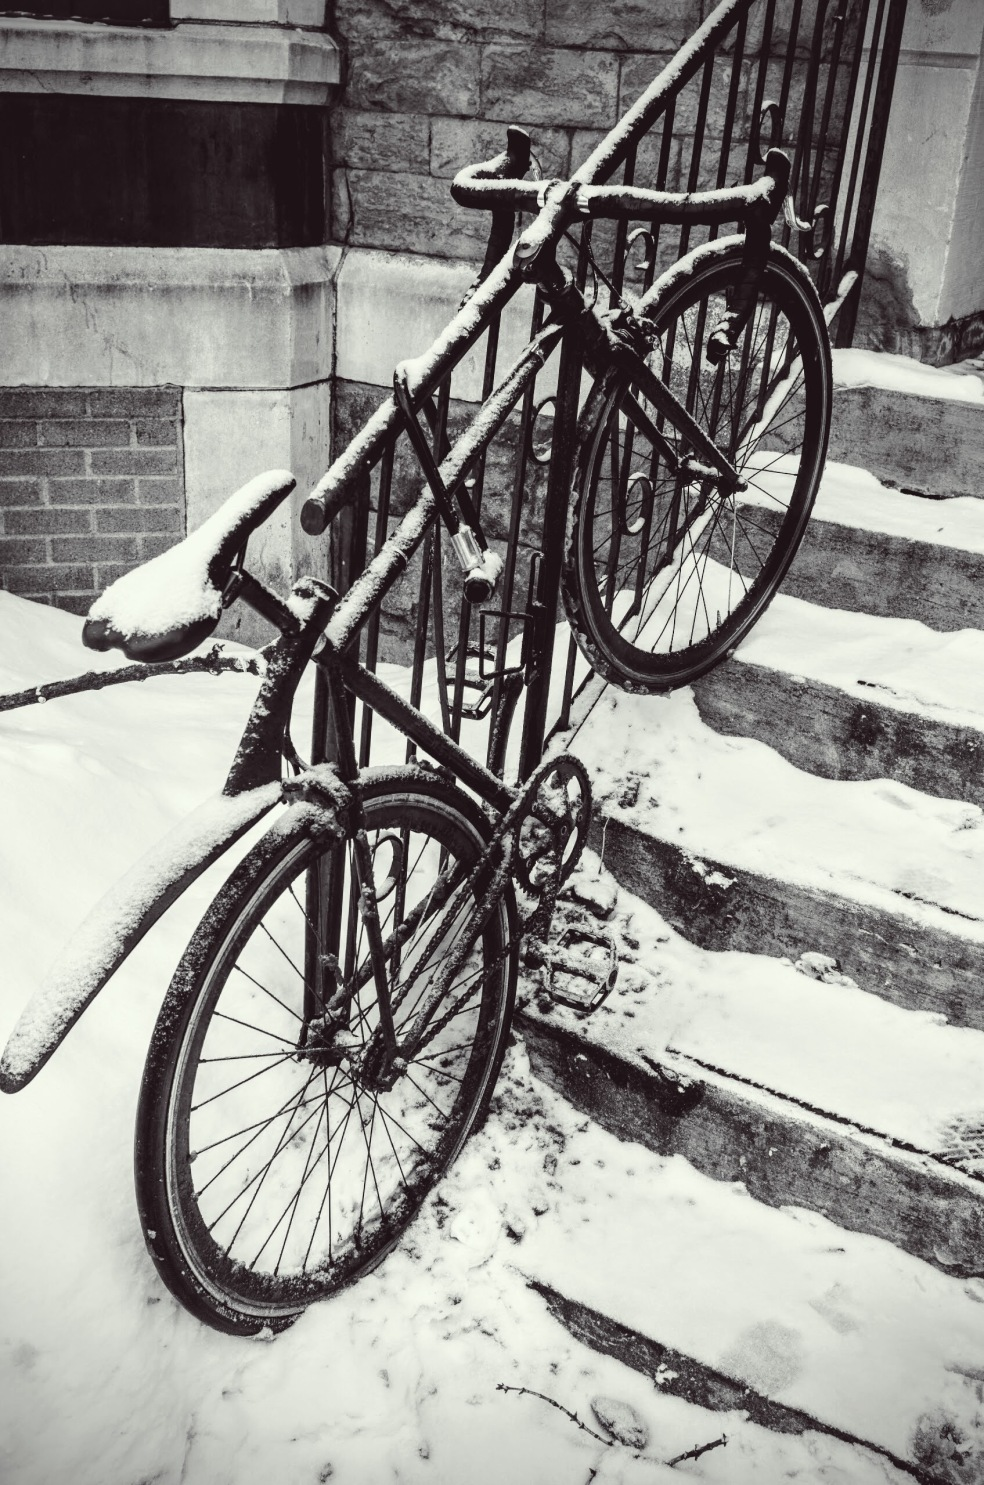 Molti studenti utilizzano la bicicletta per spostarsi anche nel nevoso periodo invernale.